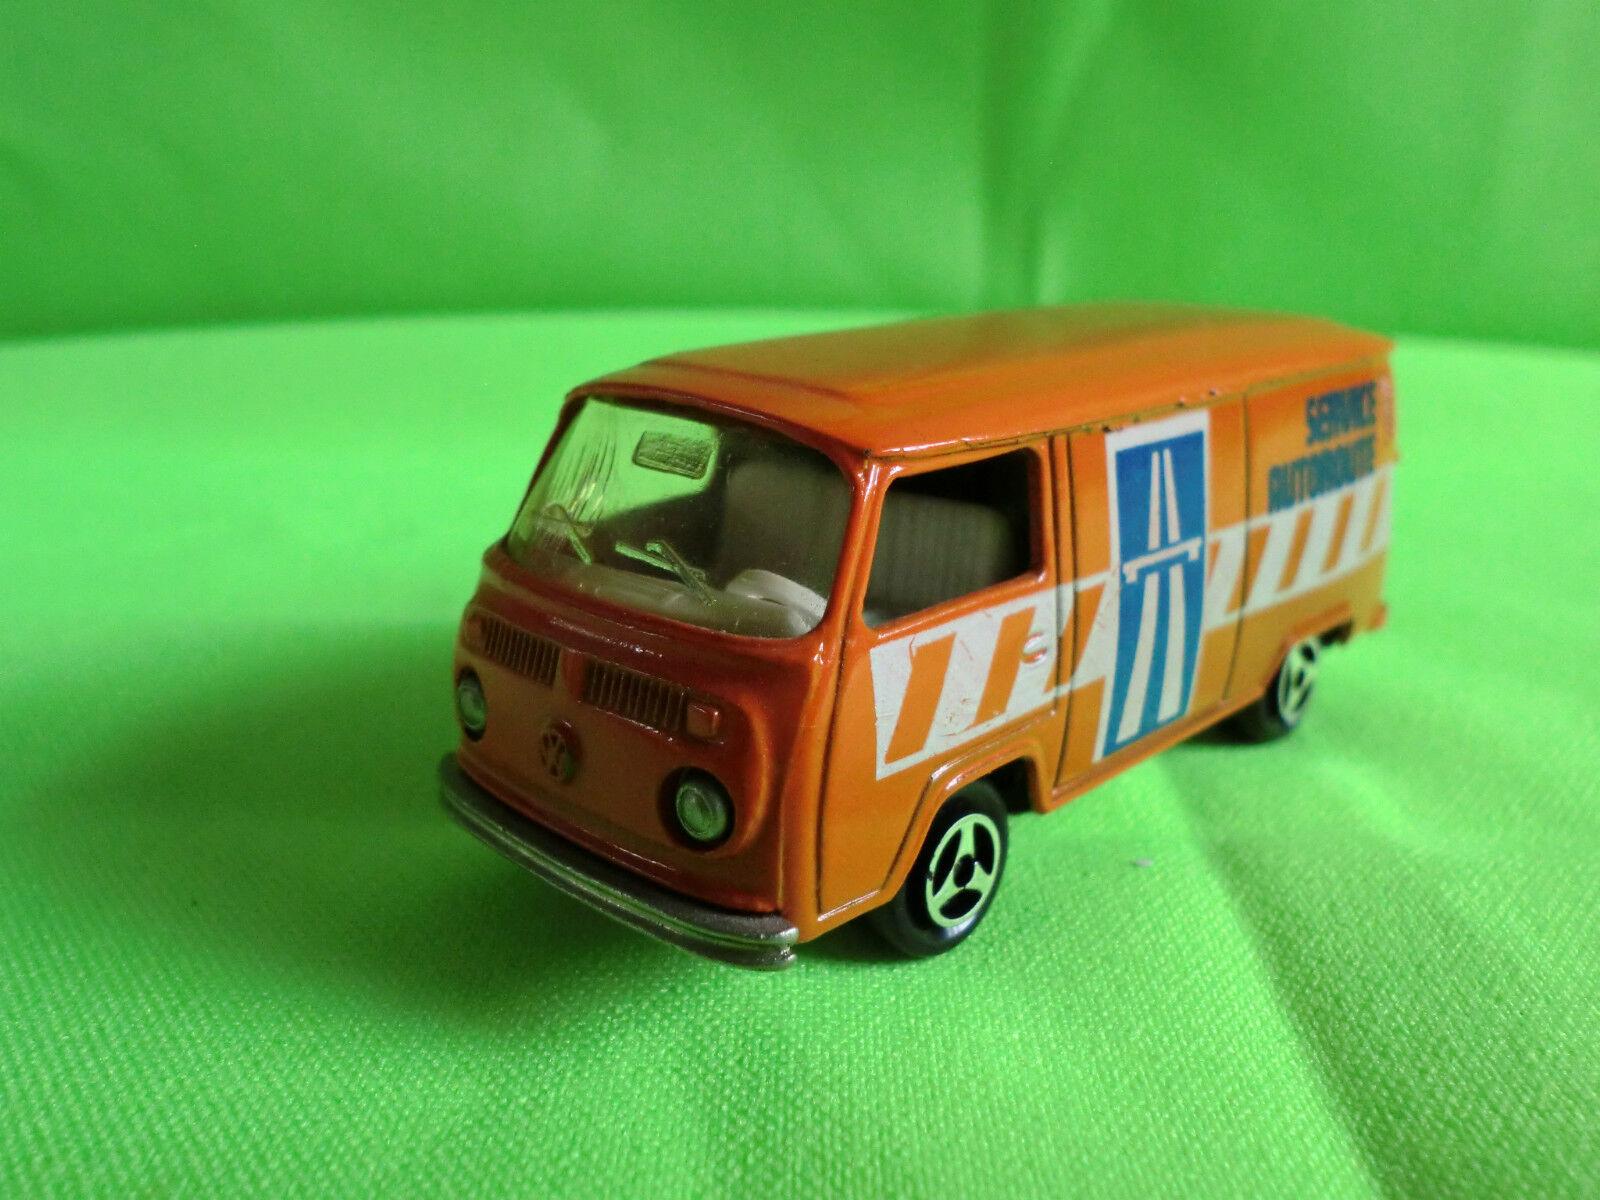 MAJORETTE   VW BUS 244 -  SERVICE AUTorUTE  -     RARE SELTEN IN GOOD CONDITION